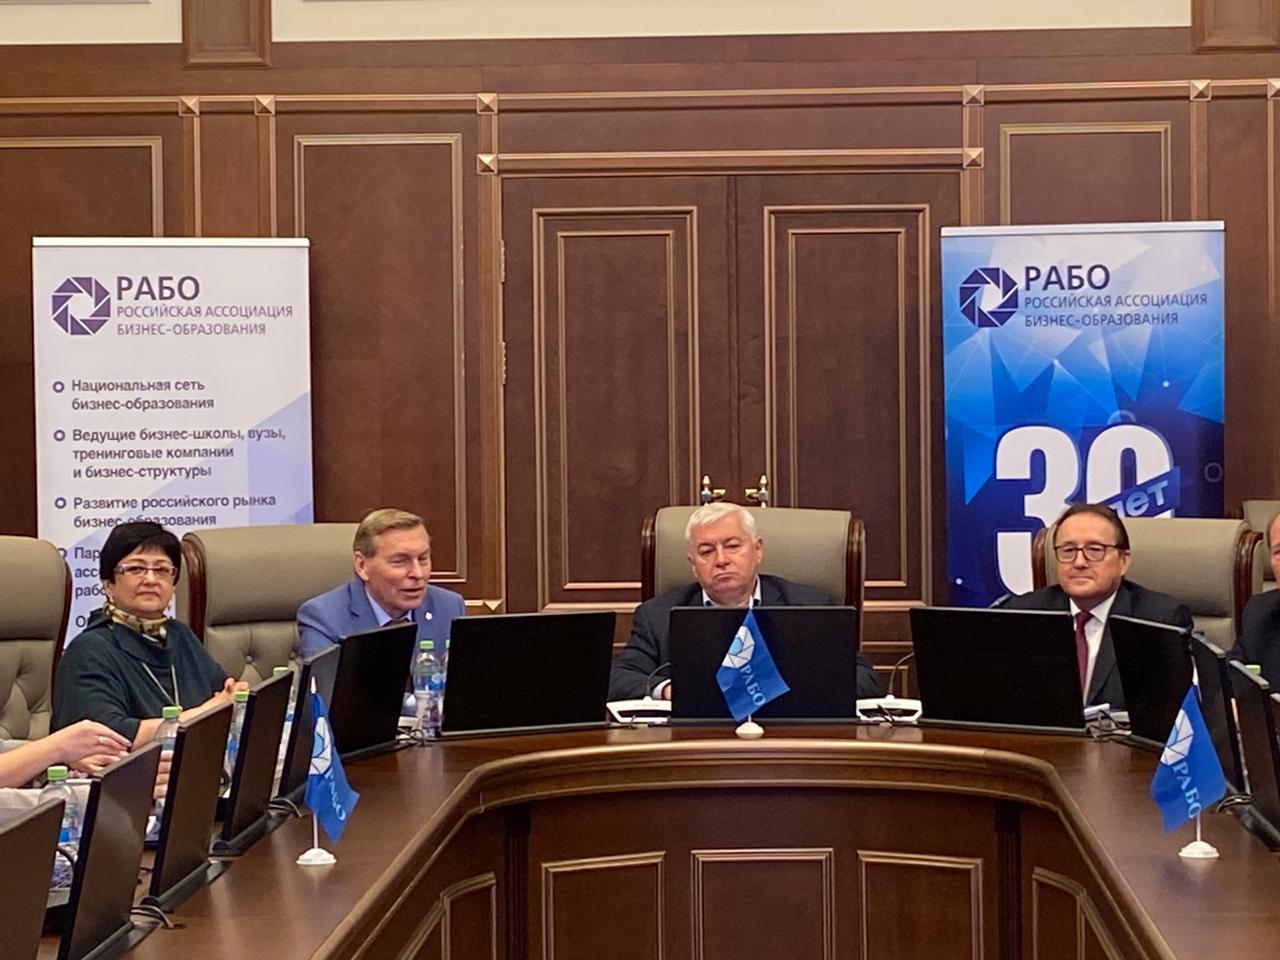 Заседание совета РАБО-2020 фото 1